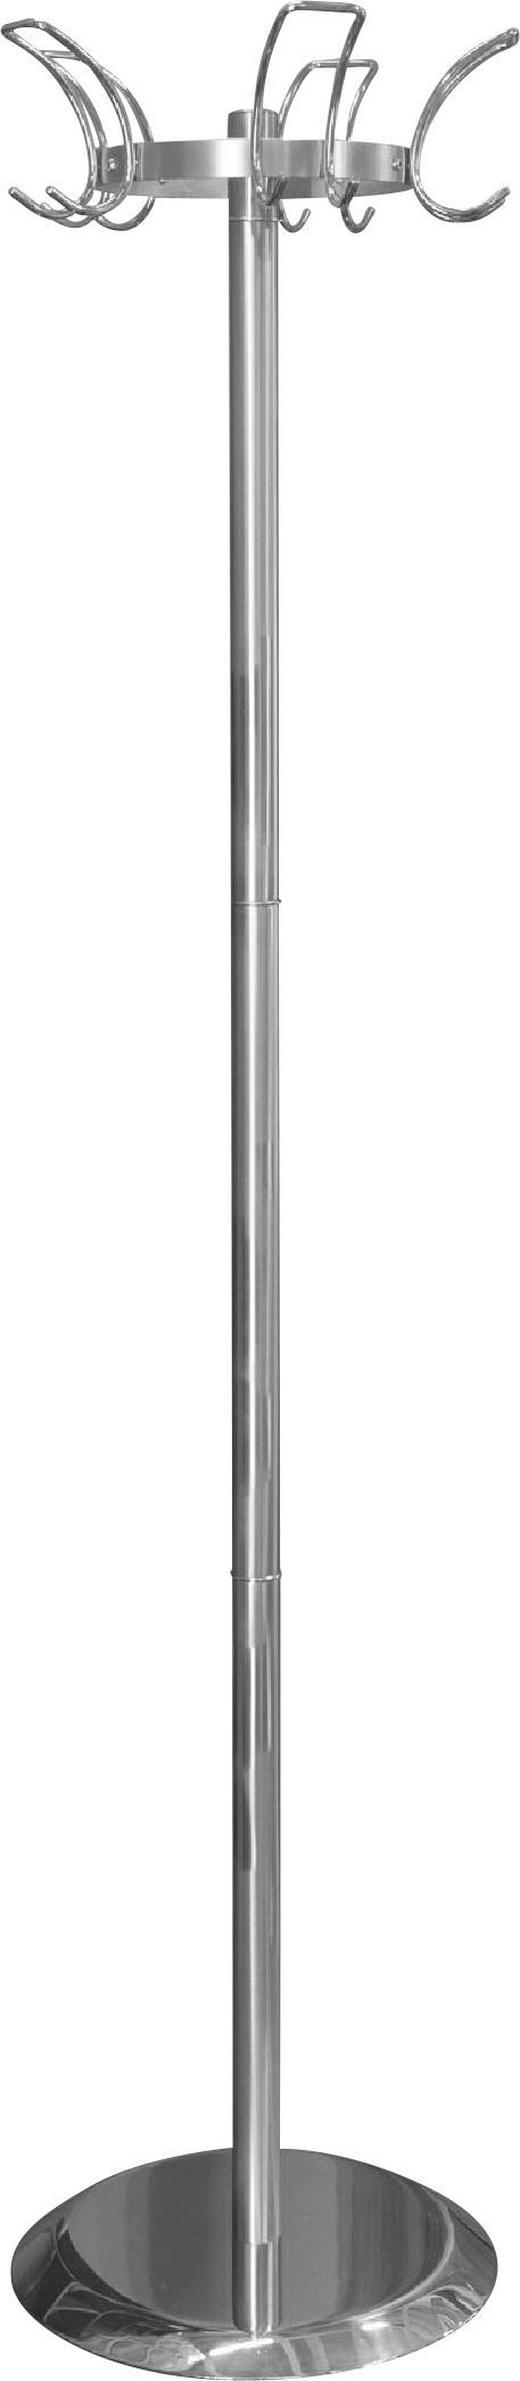 KLEIDERSTÄNDER Chromfarben, Edelstahlfarben - Chromfarben/Edelstahlfarben, Design, Metall (42/178/42cm)